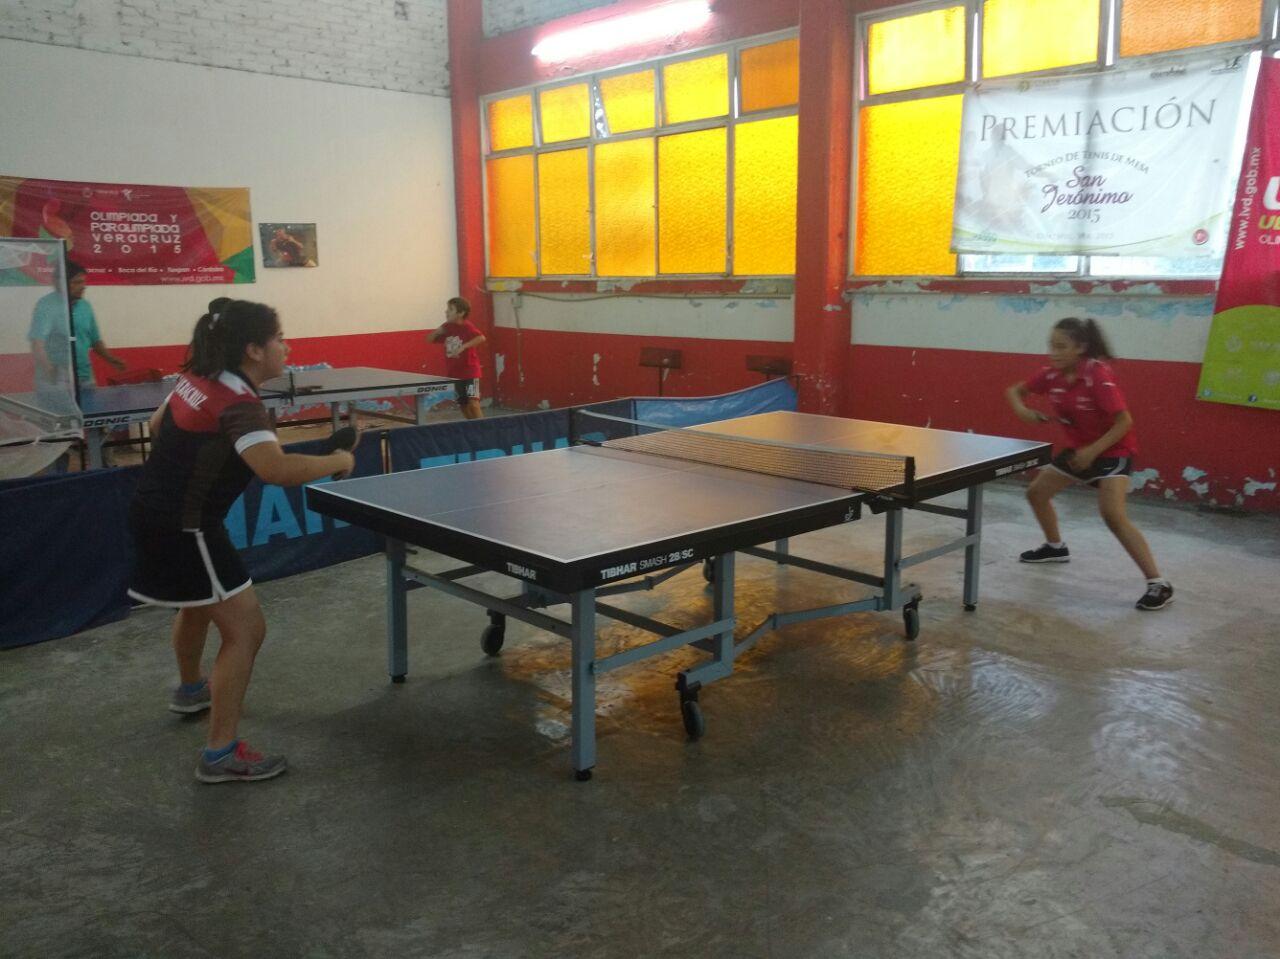 Xalapa sede del campeonato nacional de tenis de mesa en tercera fuerza